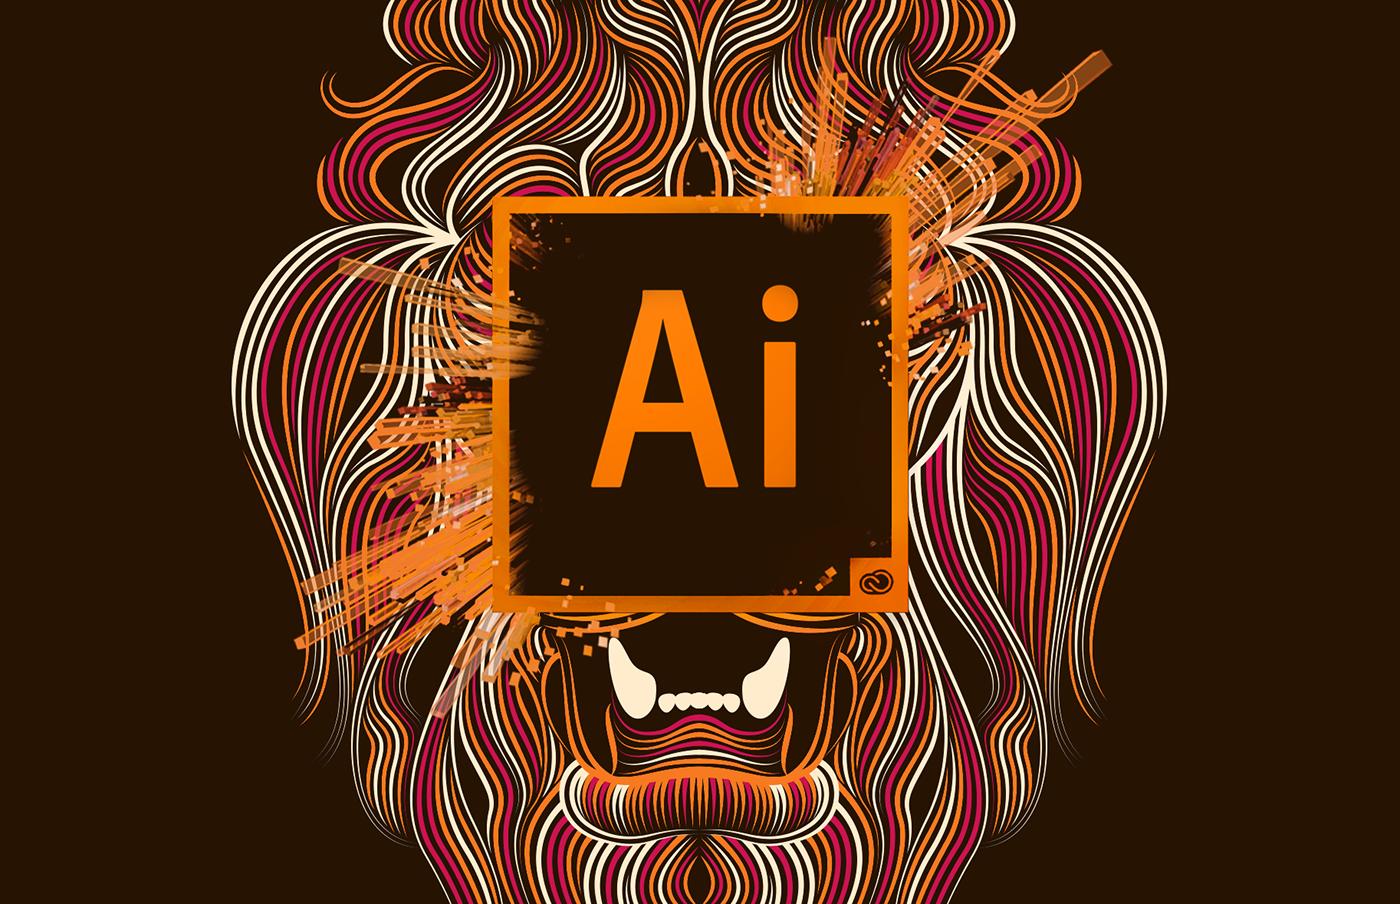 Adobe illustrator cc on behance for Art 1129 cc